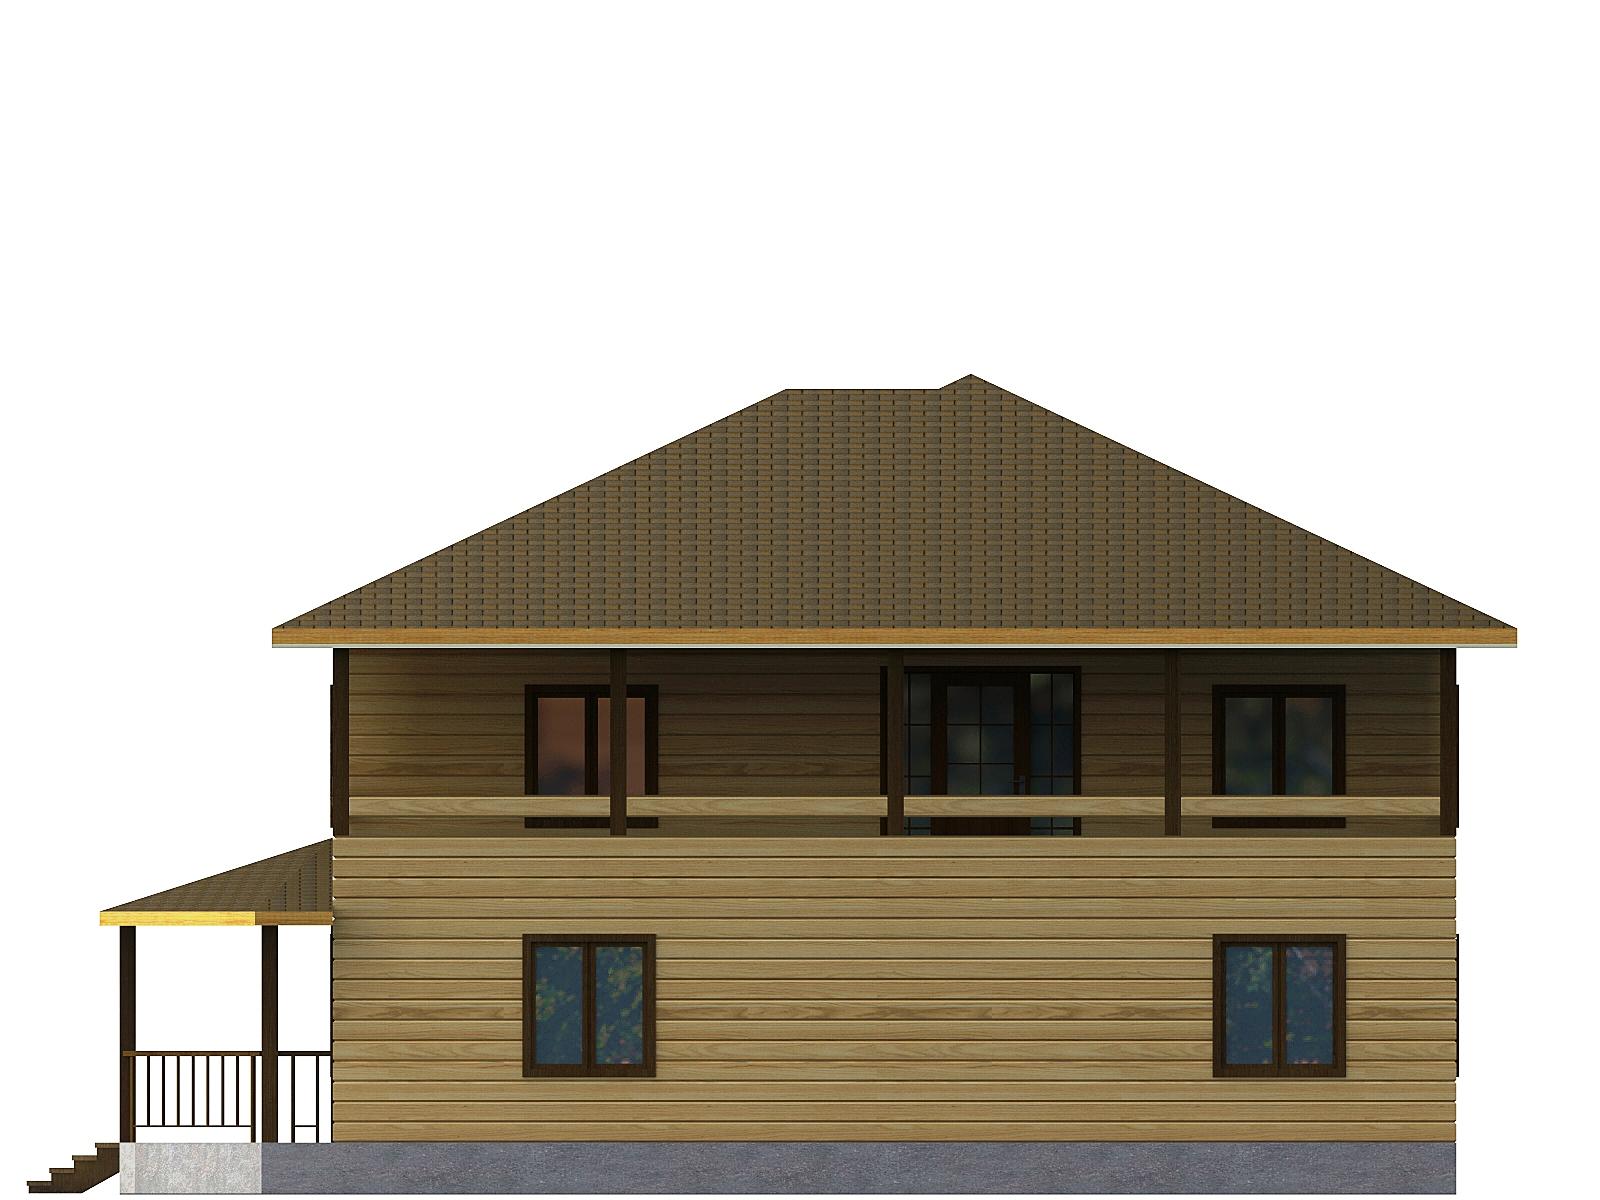 Проект дома из бруса 11х12 2 этажа с крыльцом и террасой. Разрез 3.